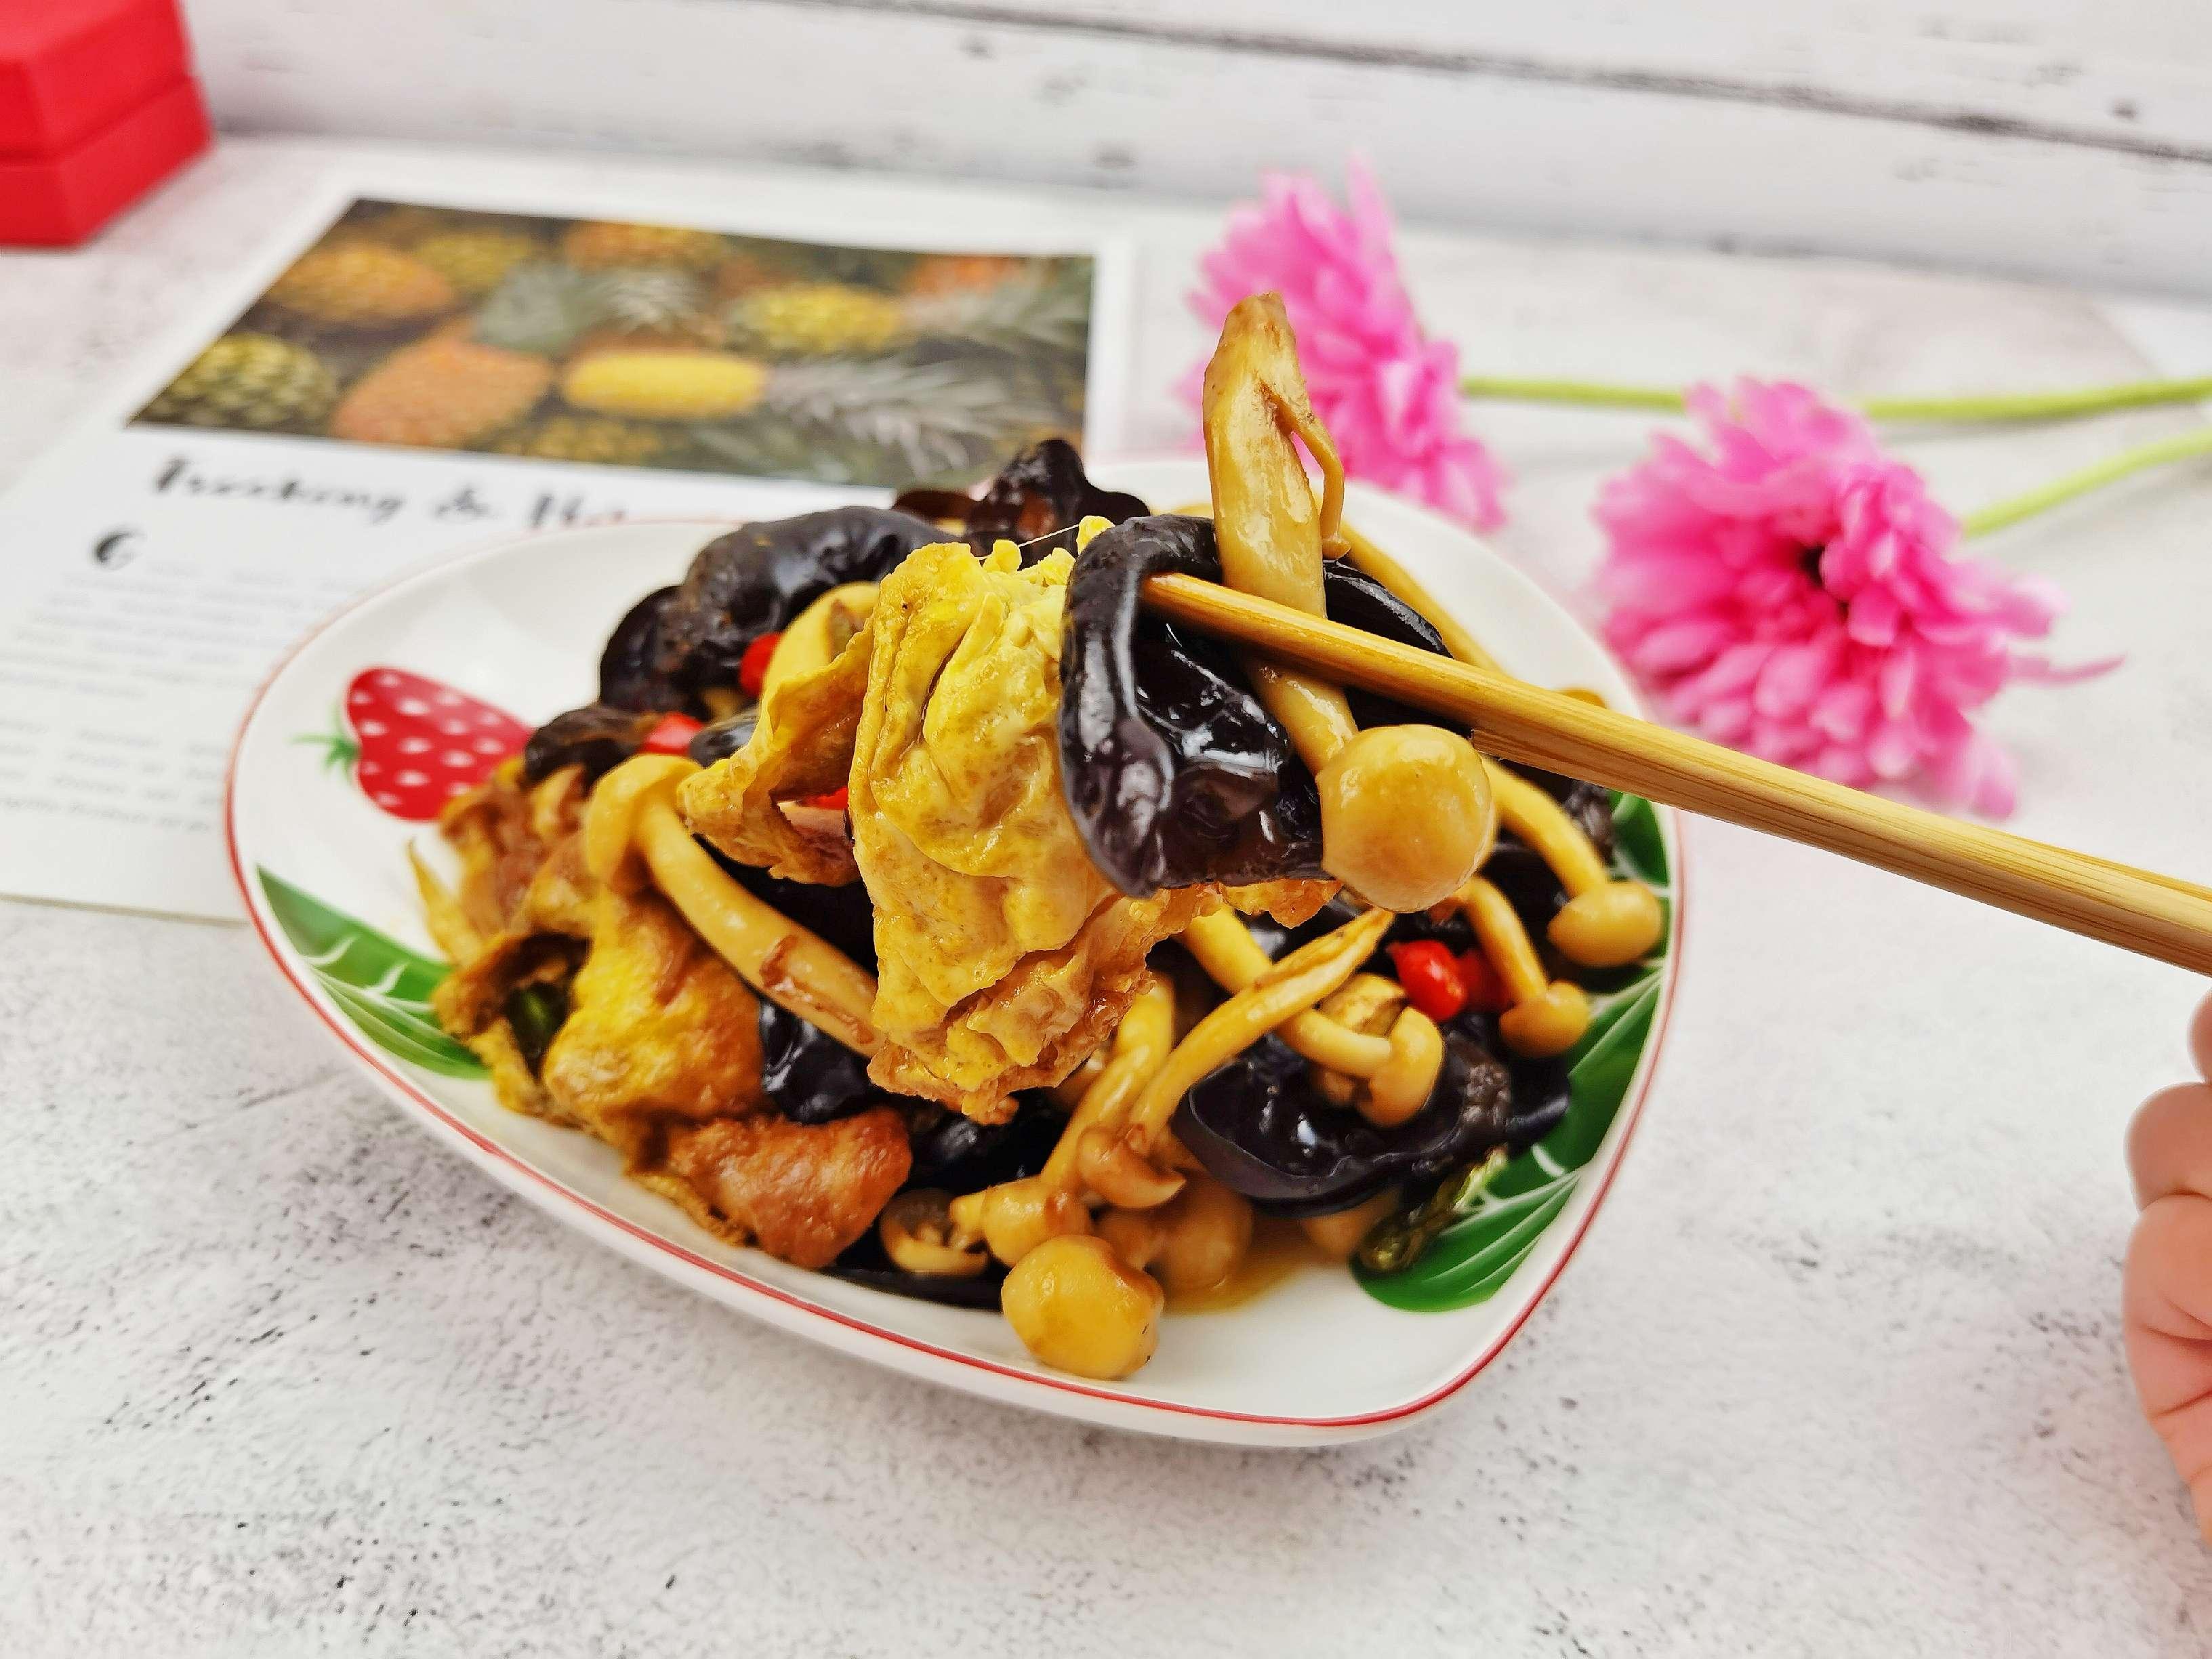 白玉菇加上木耳鸡蛋,这道好吃又好做的素菜我能吃两大碗米饭怎么煮